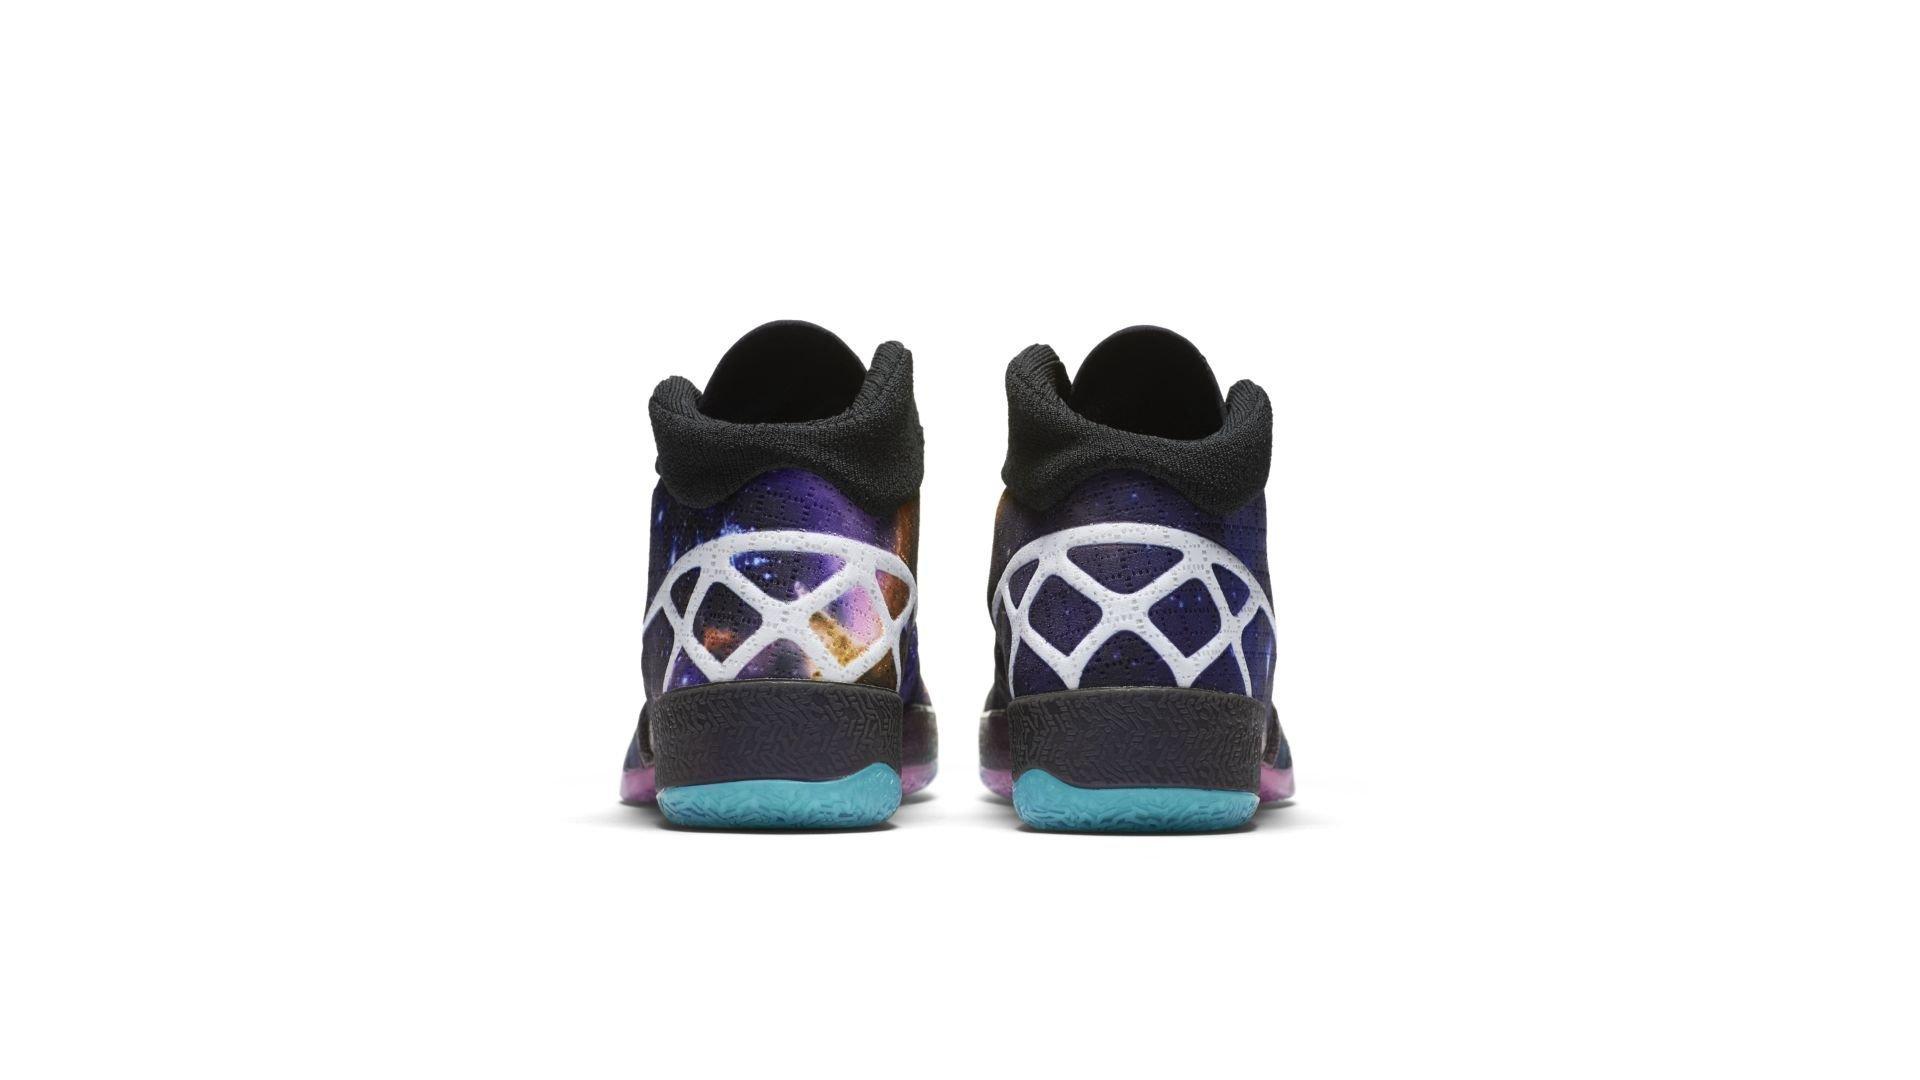 Jordan XXX Quai 54 Cosmos (863586-010)